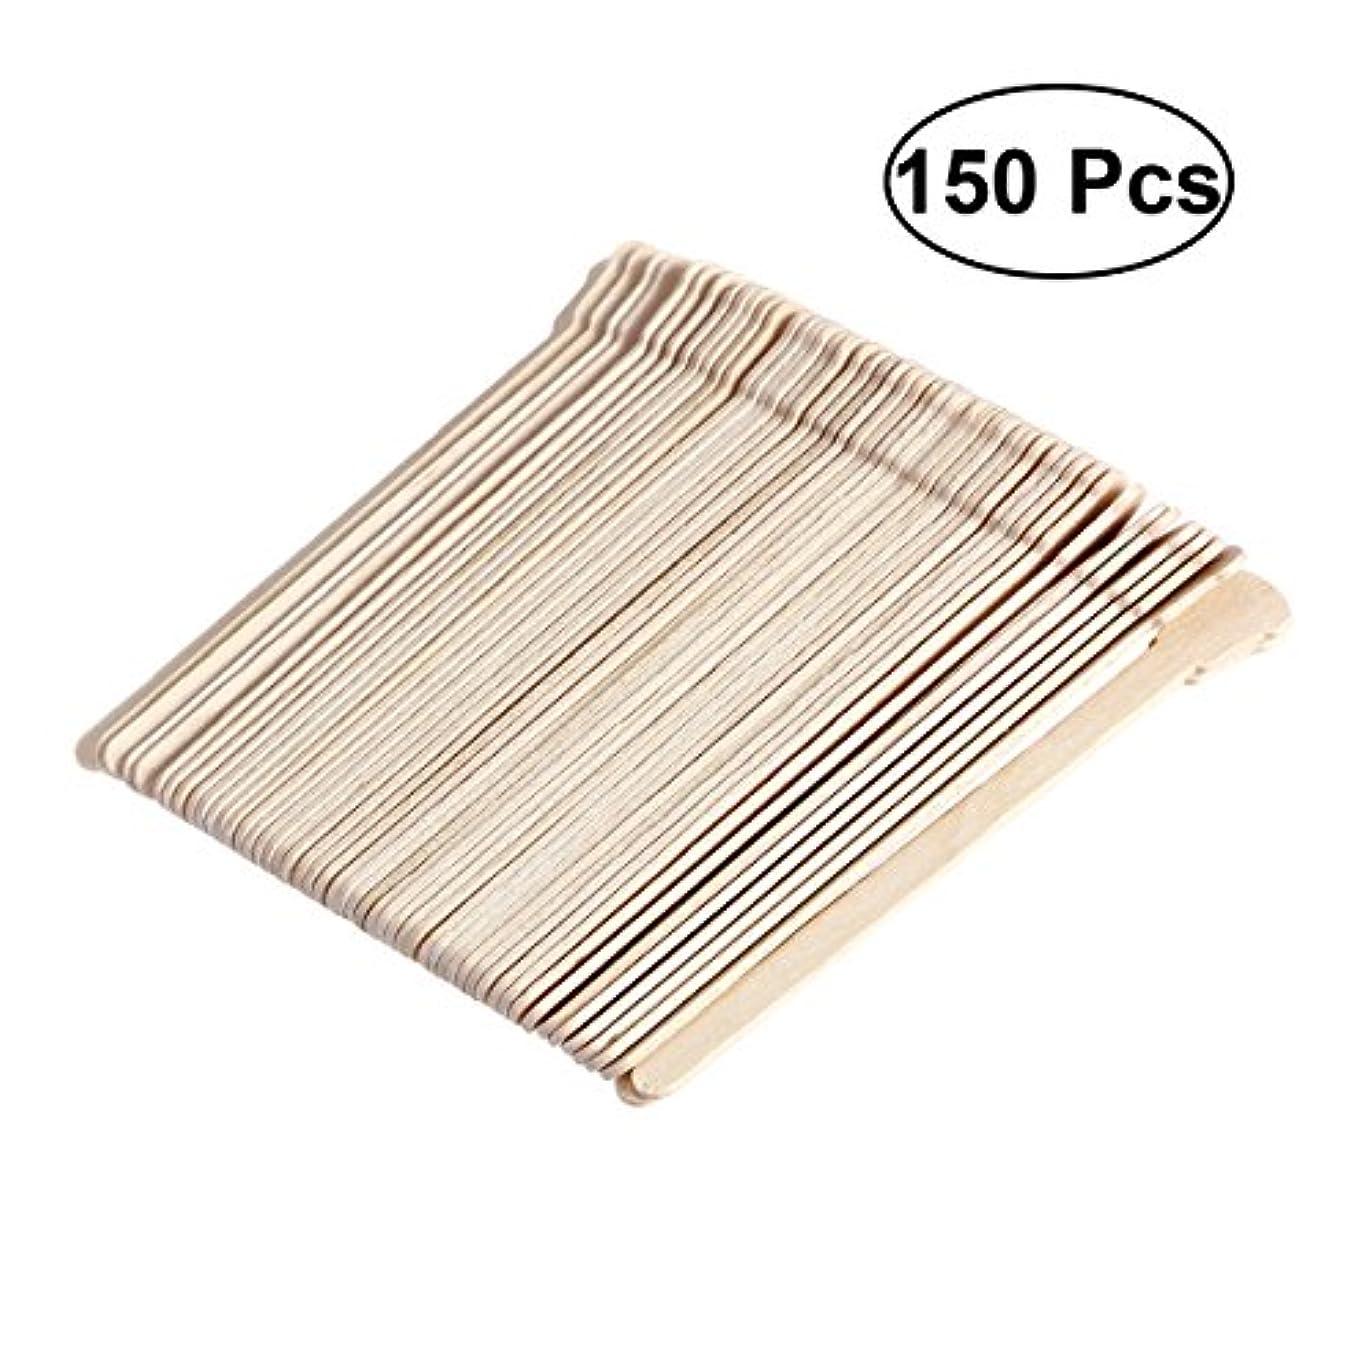 位置づけるステレオ叱るSUPVOX 150ピース木製ワックススティックフェイス眉毛ワックスへら脱毛(オリジナル木製色)